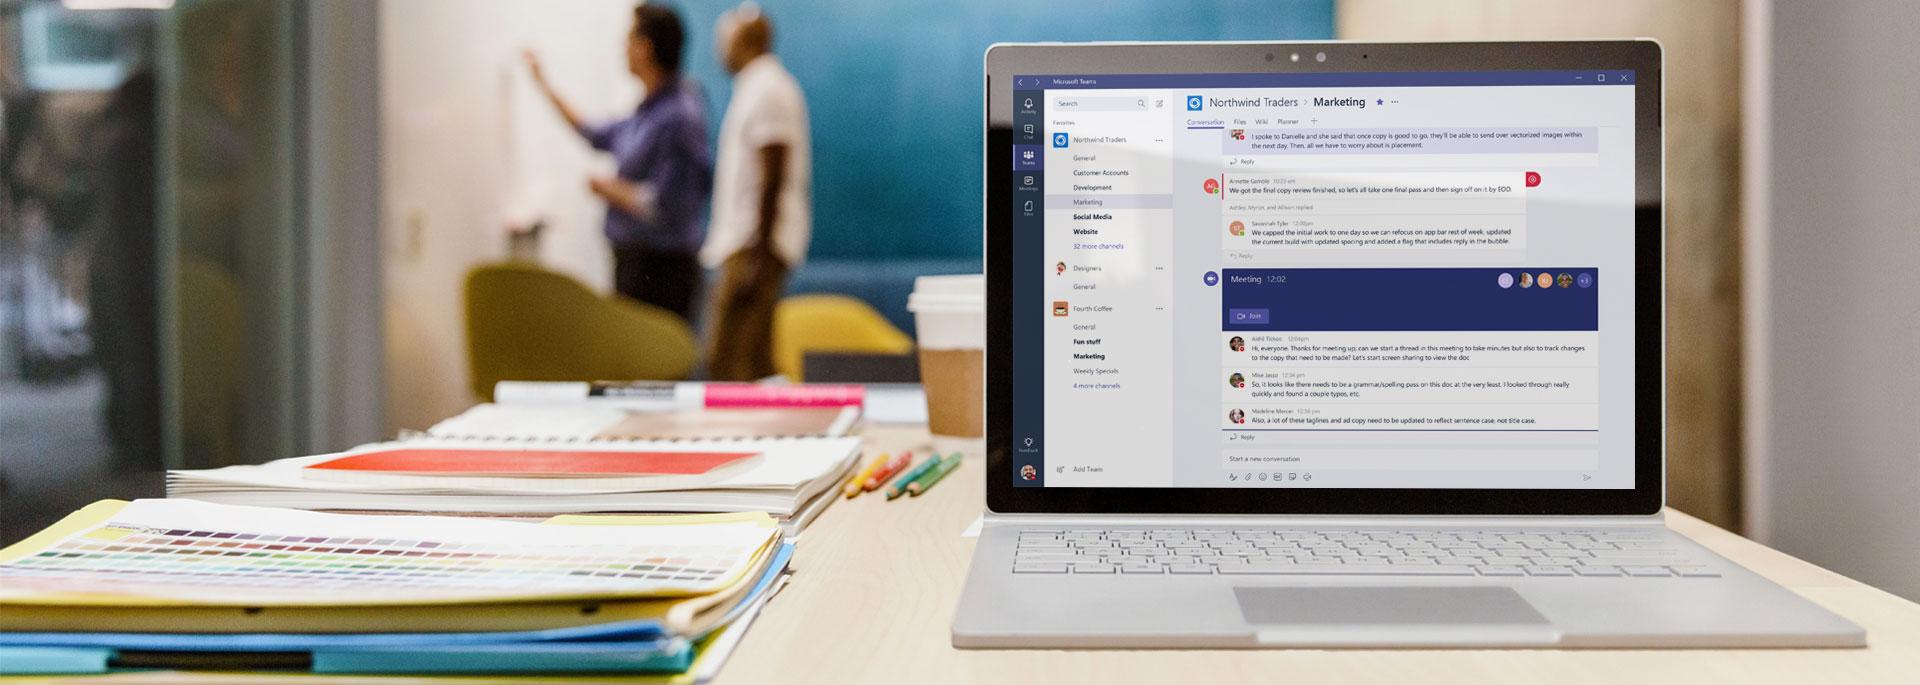 Tablet koji prikazuje razgovore ćaskanja u usluzi Microsoft Teams